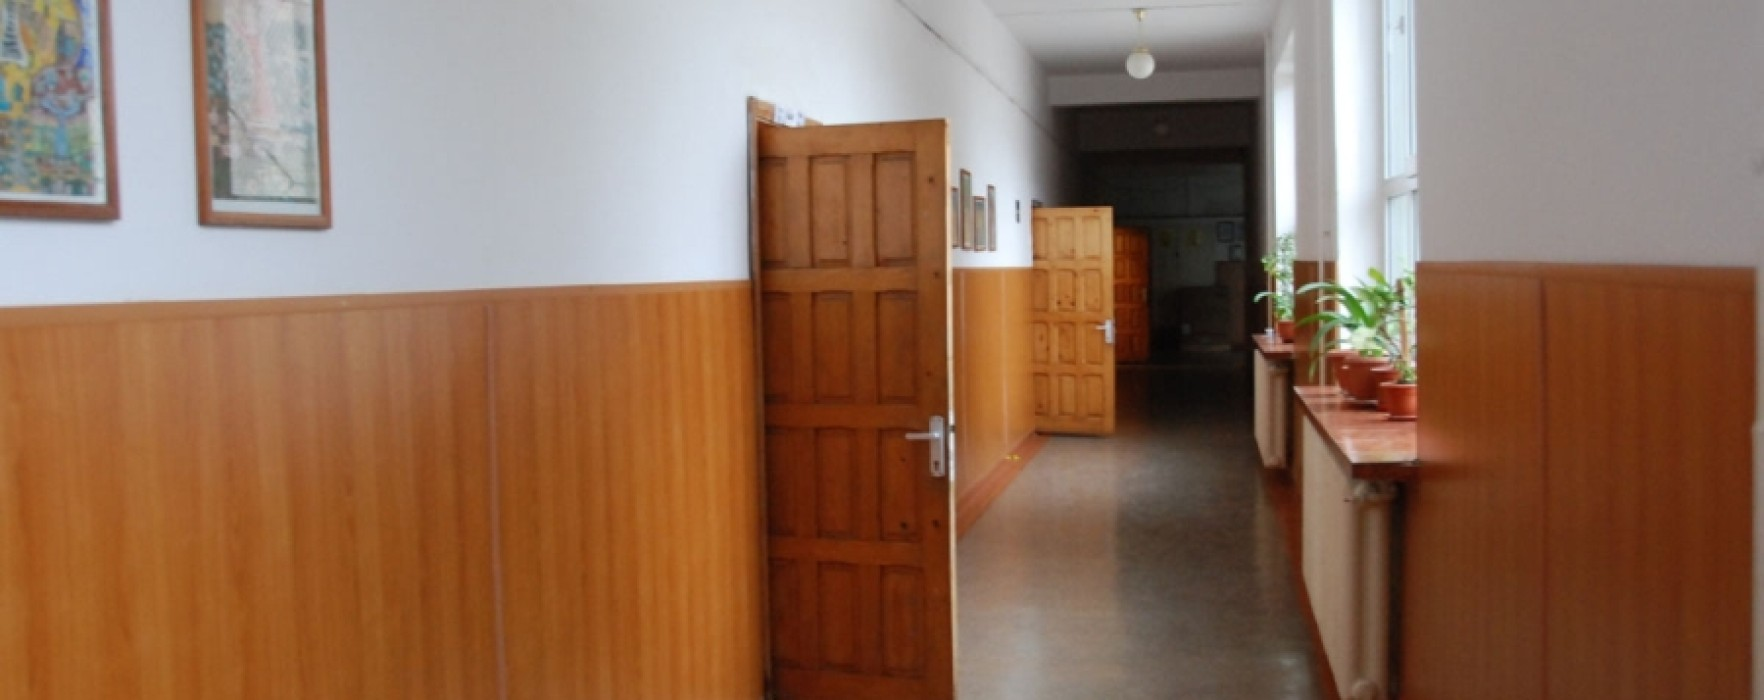 Şcolile din Dâmboviţa, închise miercuri